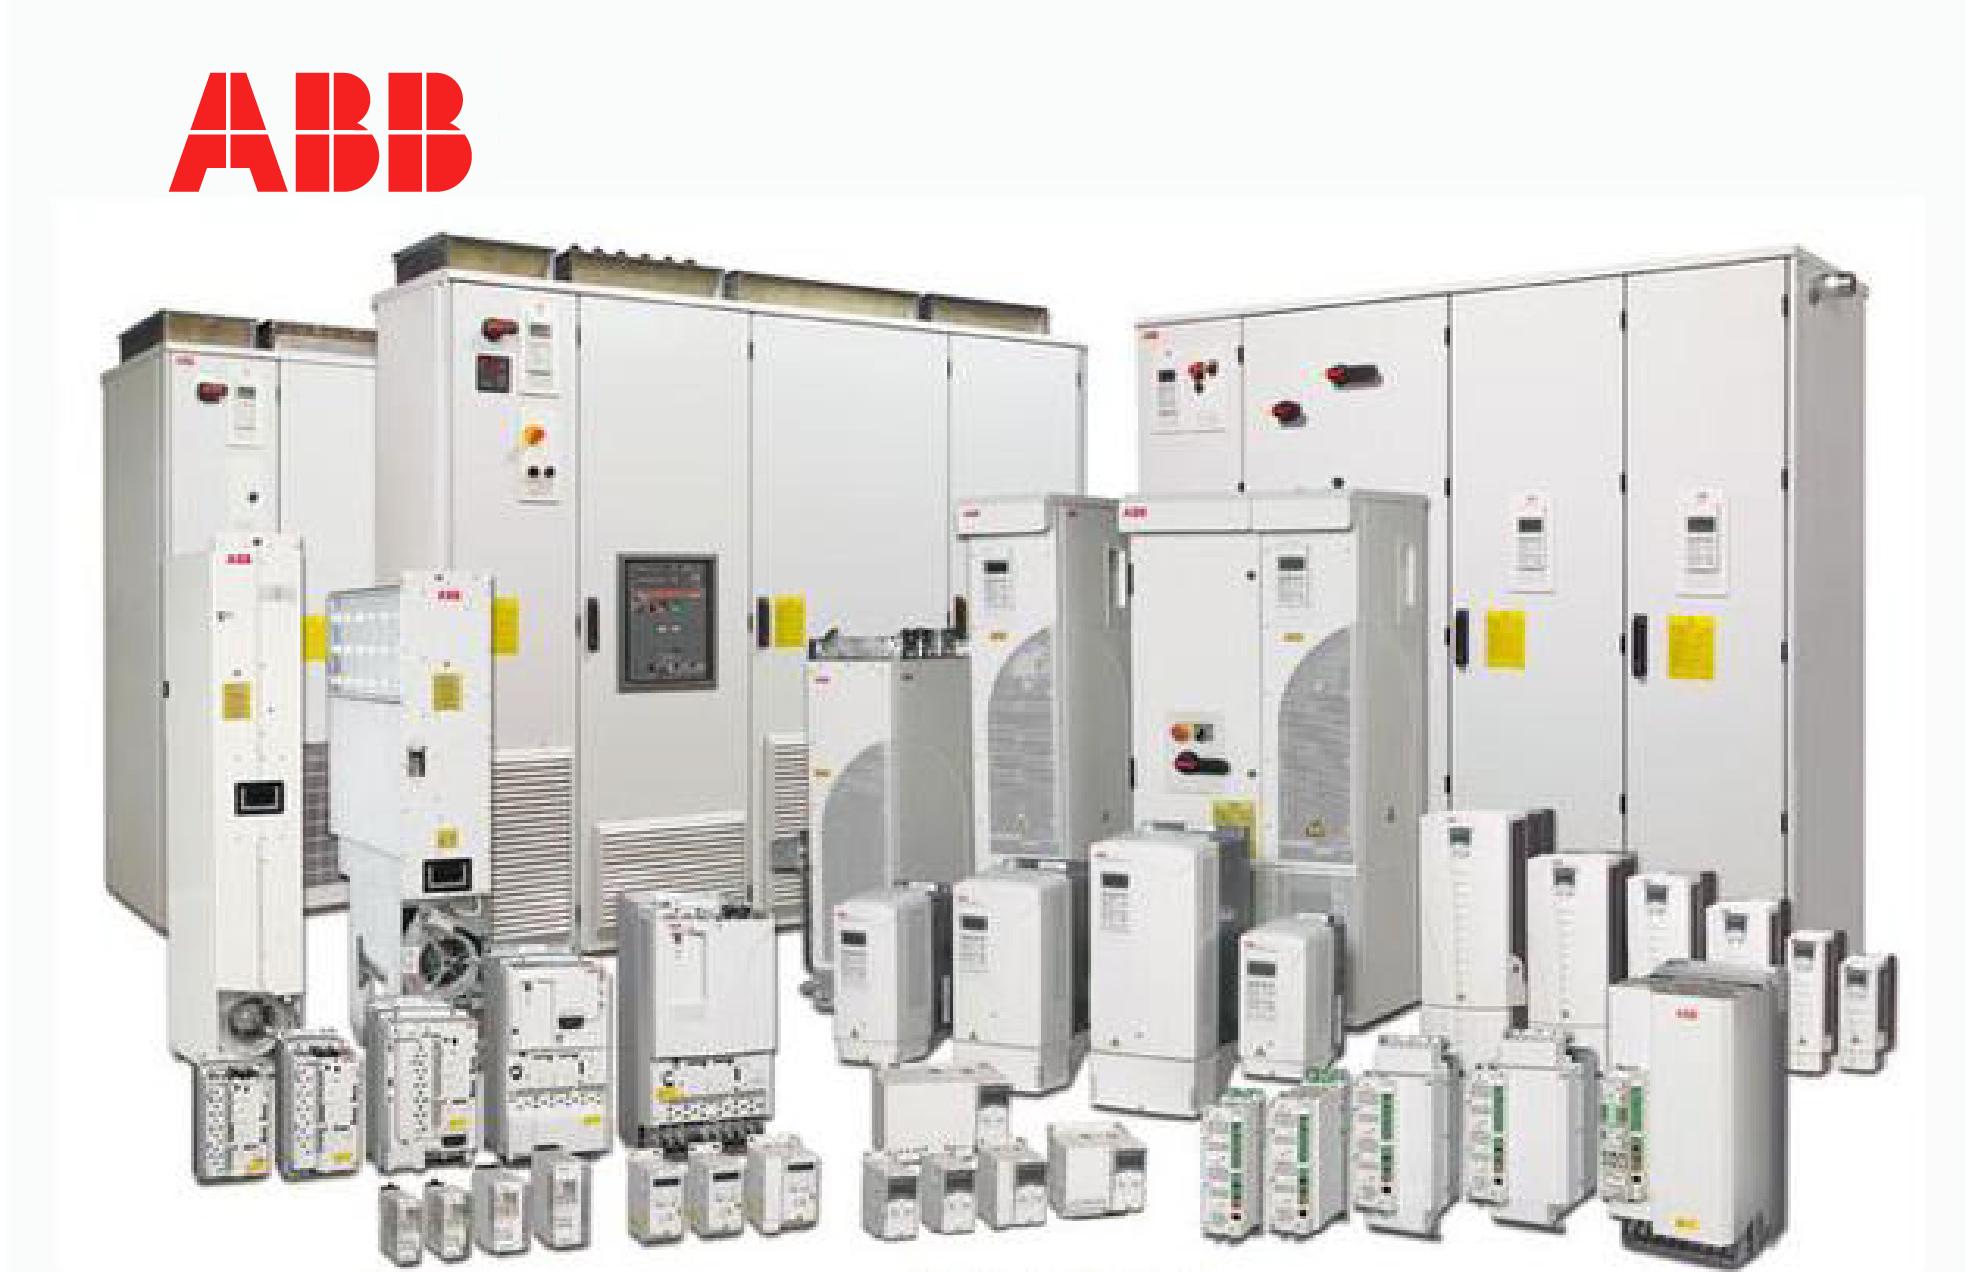 Tài liệu biến tần và khởi động mềm cho bơm của ABB